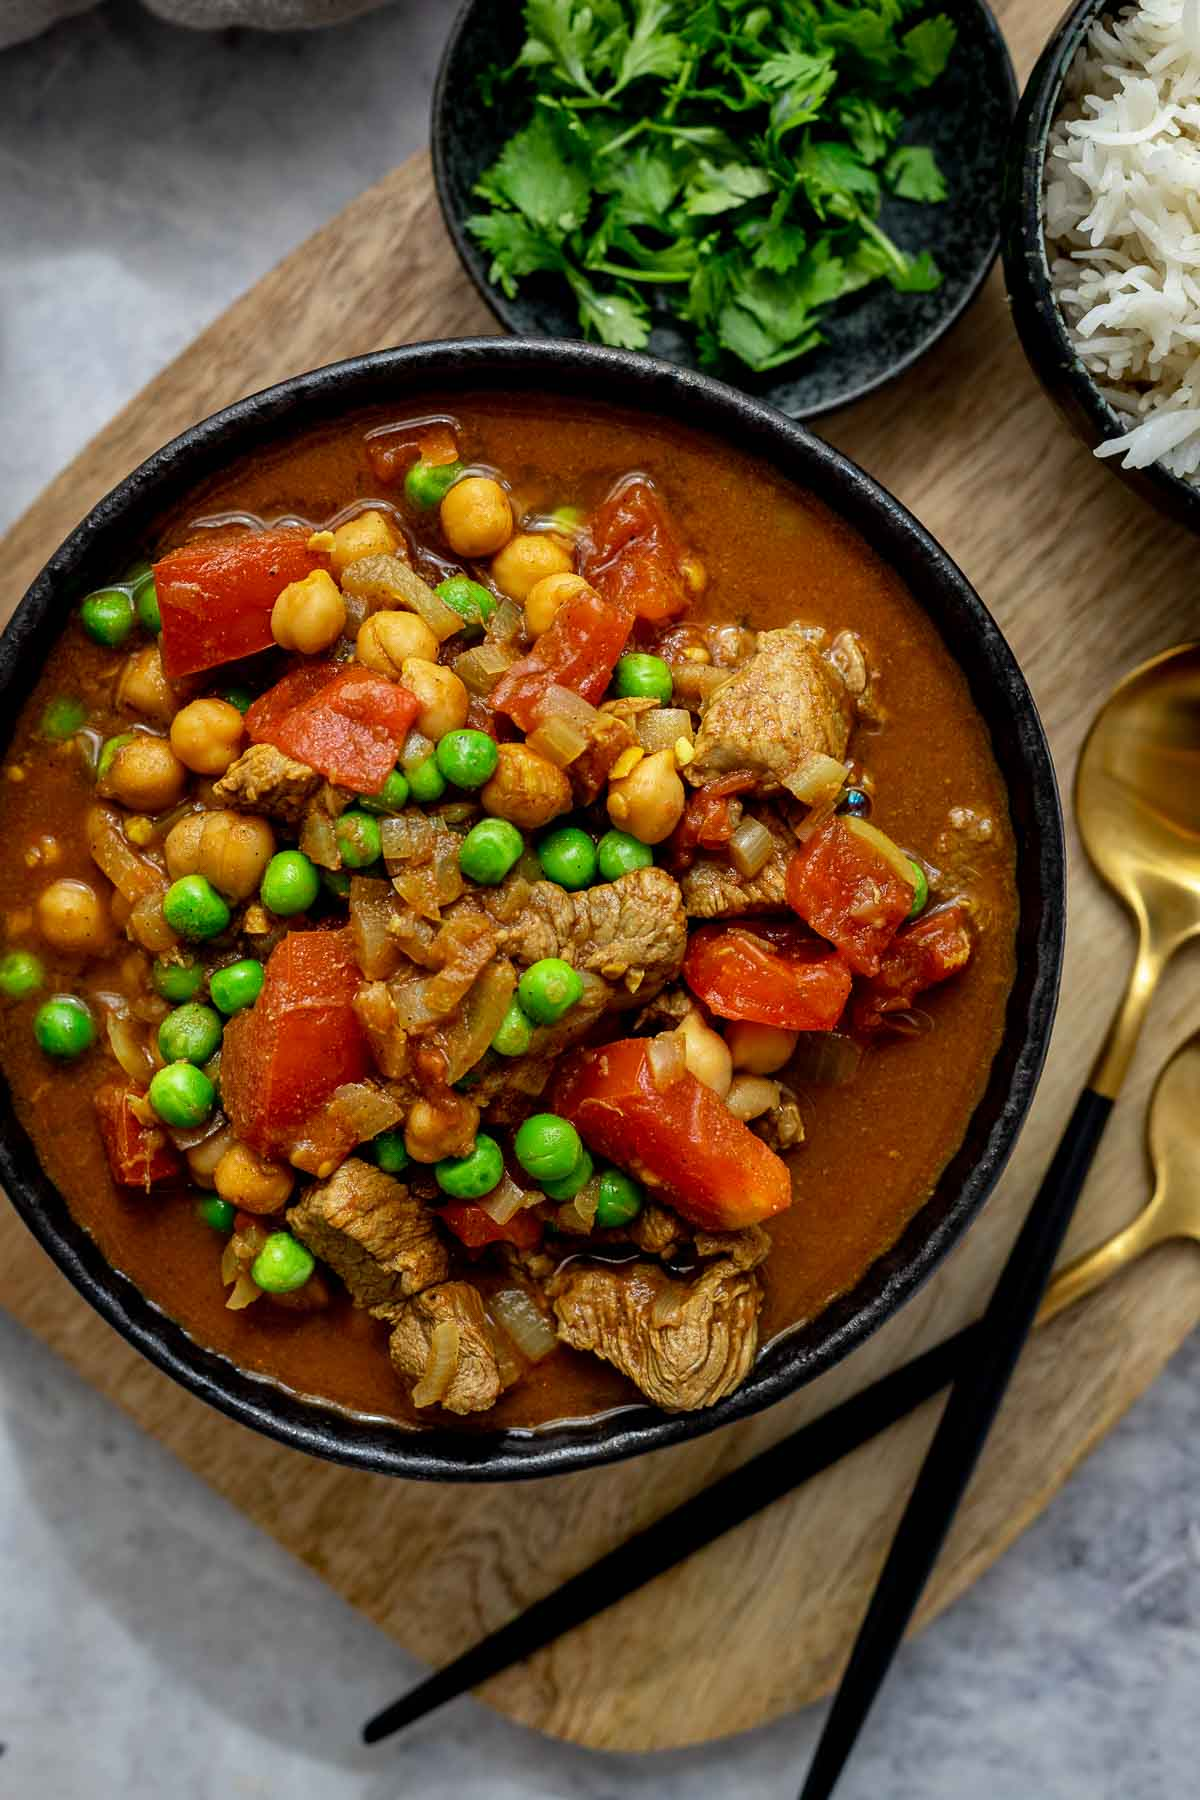 Lamm Curry mit Kichererbsen, Erbsen und Tomaten mit Basmati Reis